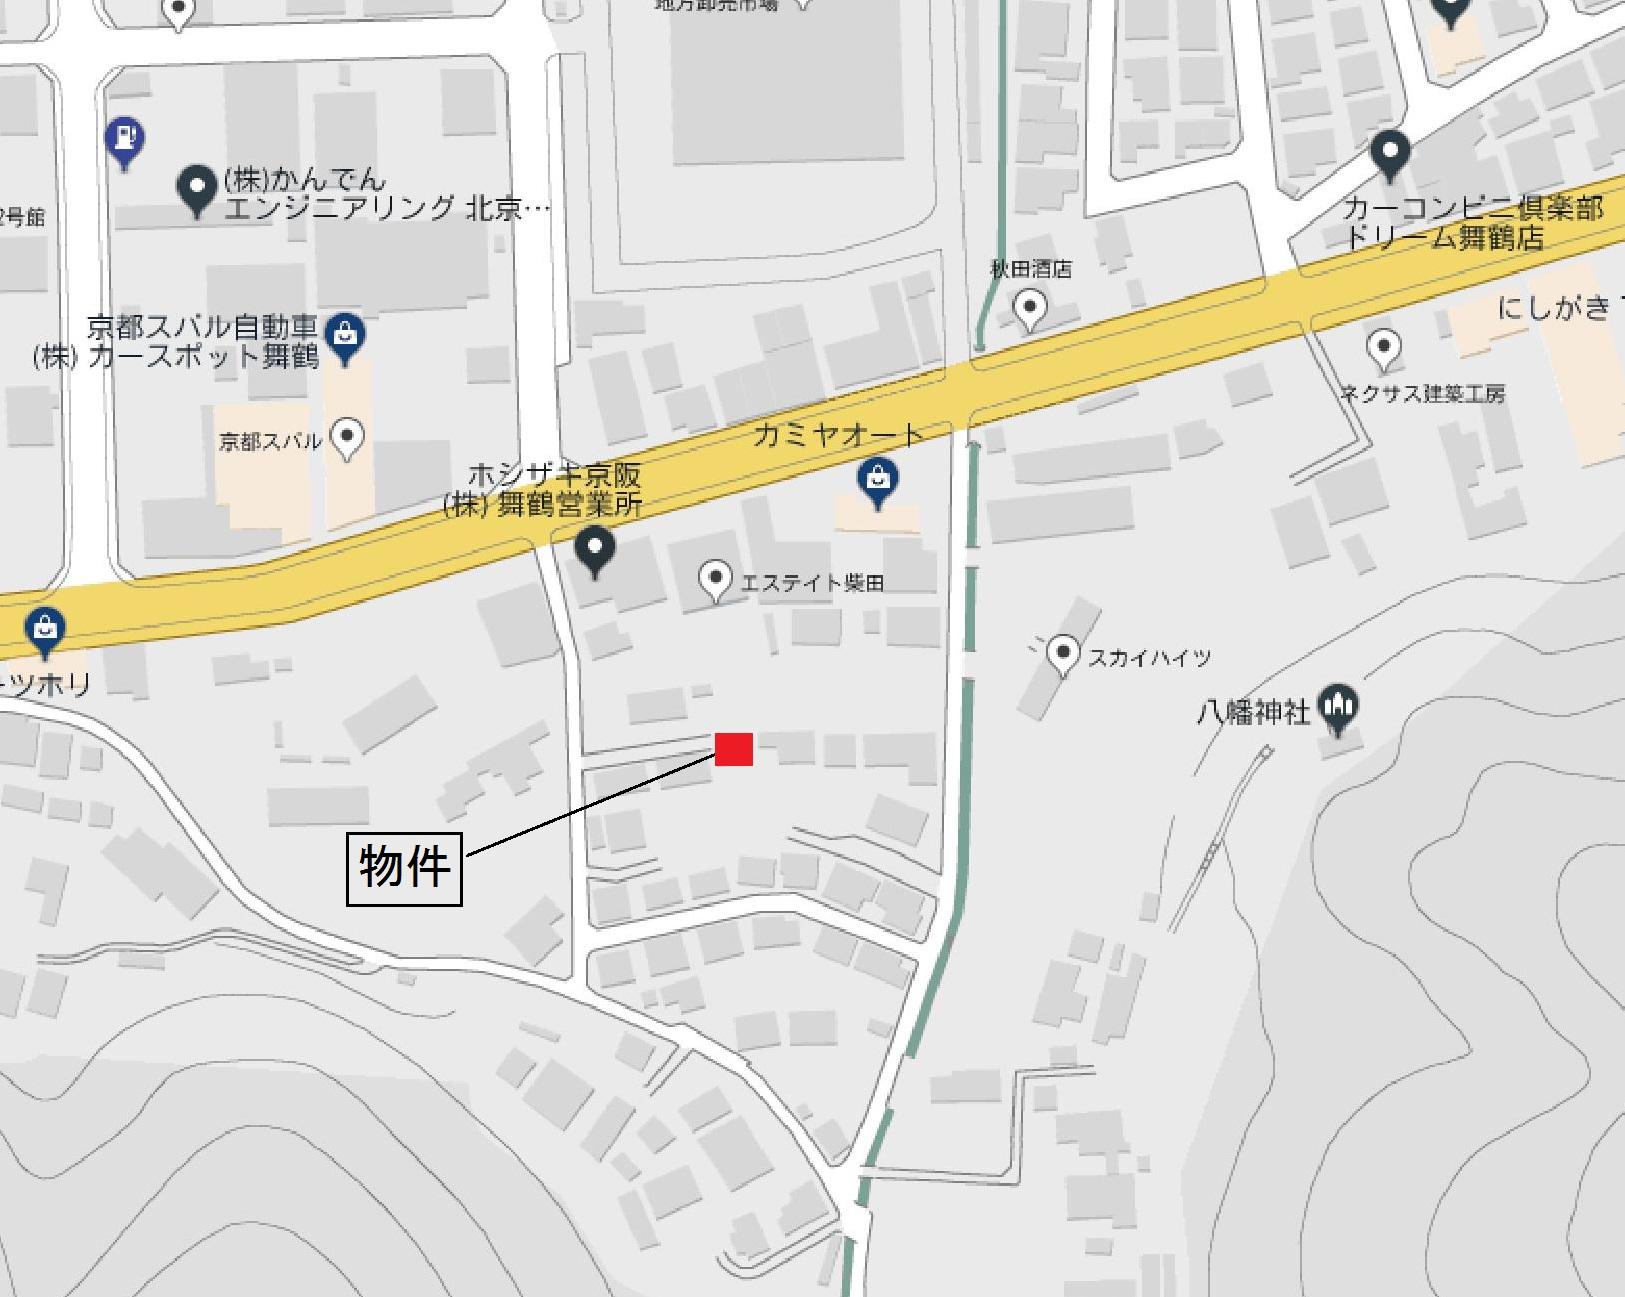 下福井105-4(塩田様)地図